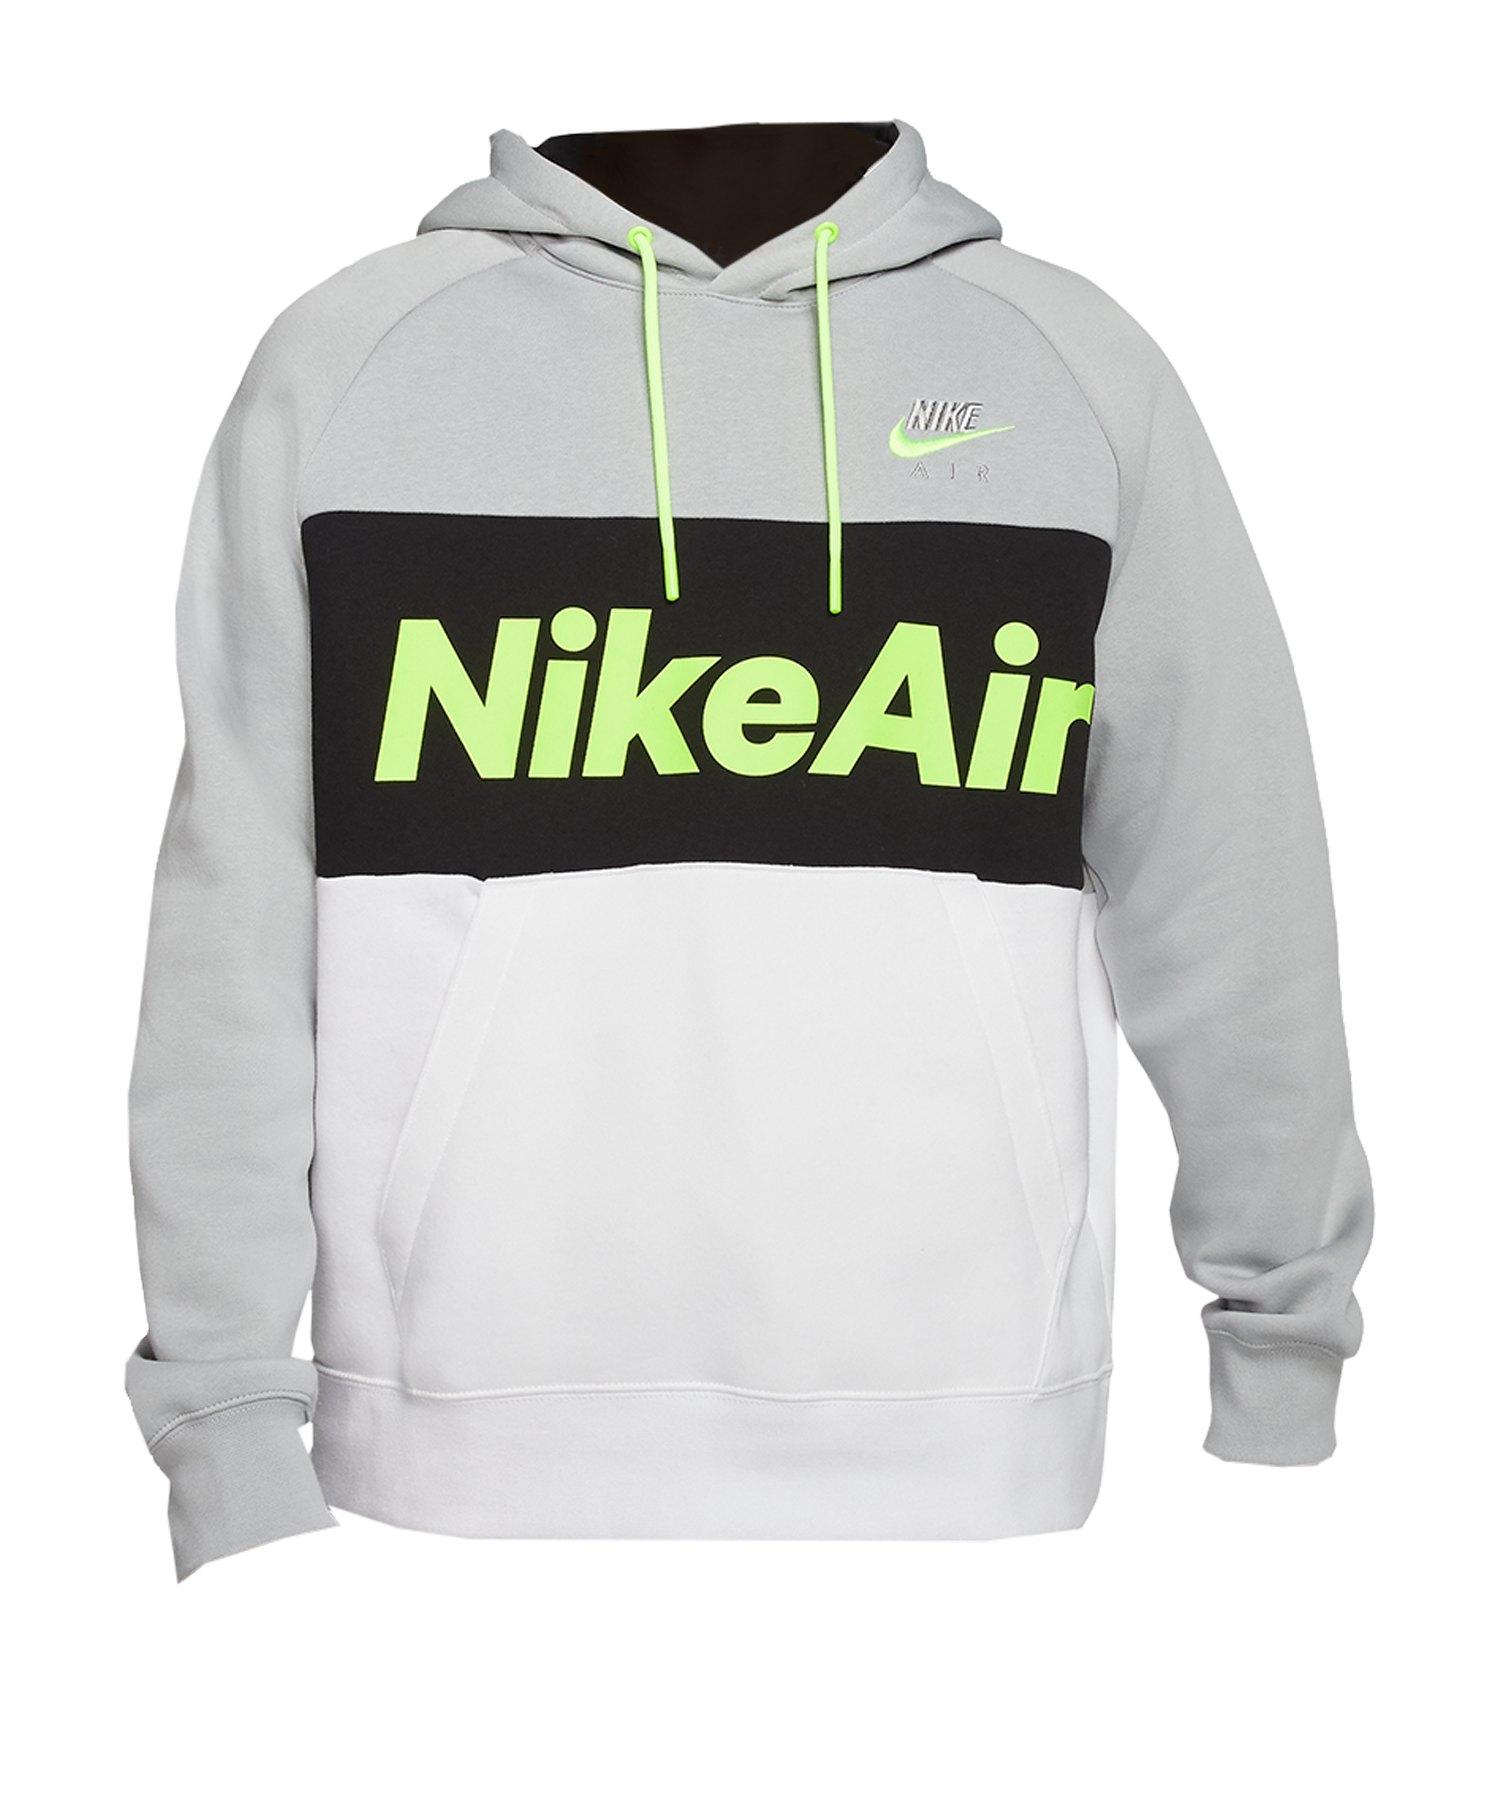 Nike Air Fleece Kapuzensweatshirt Grau F077 - grau